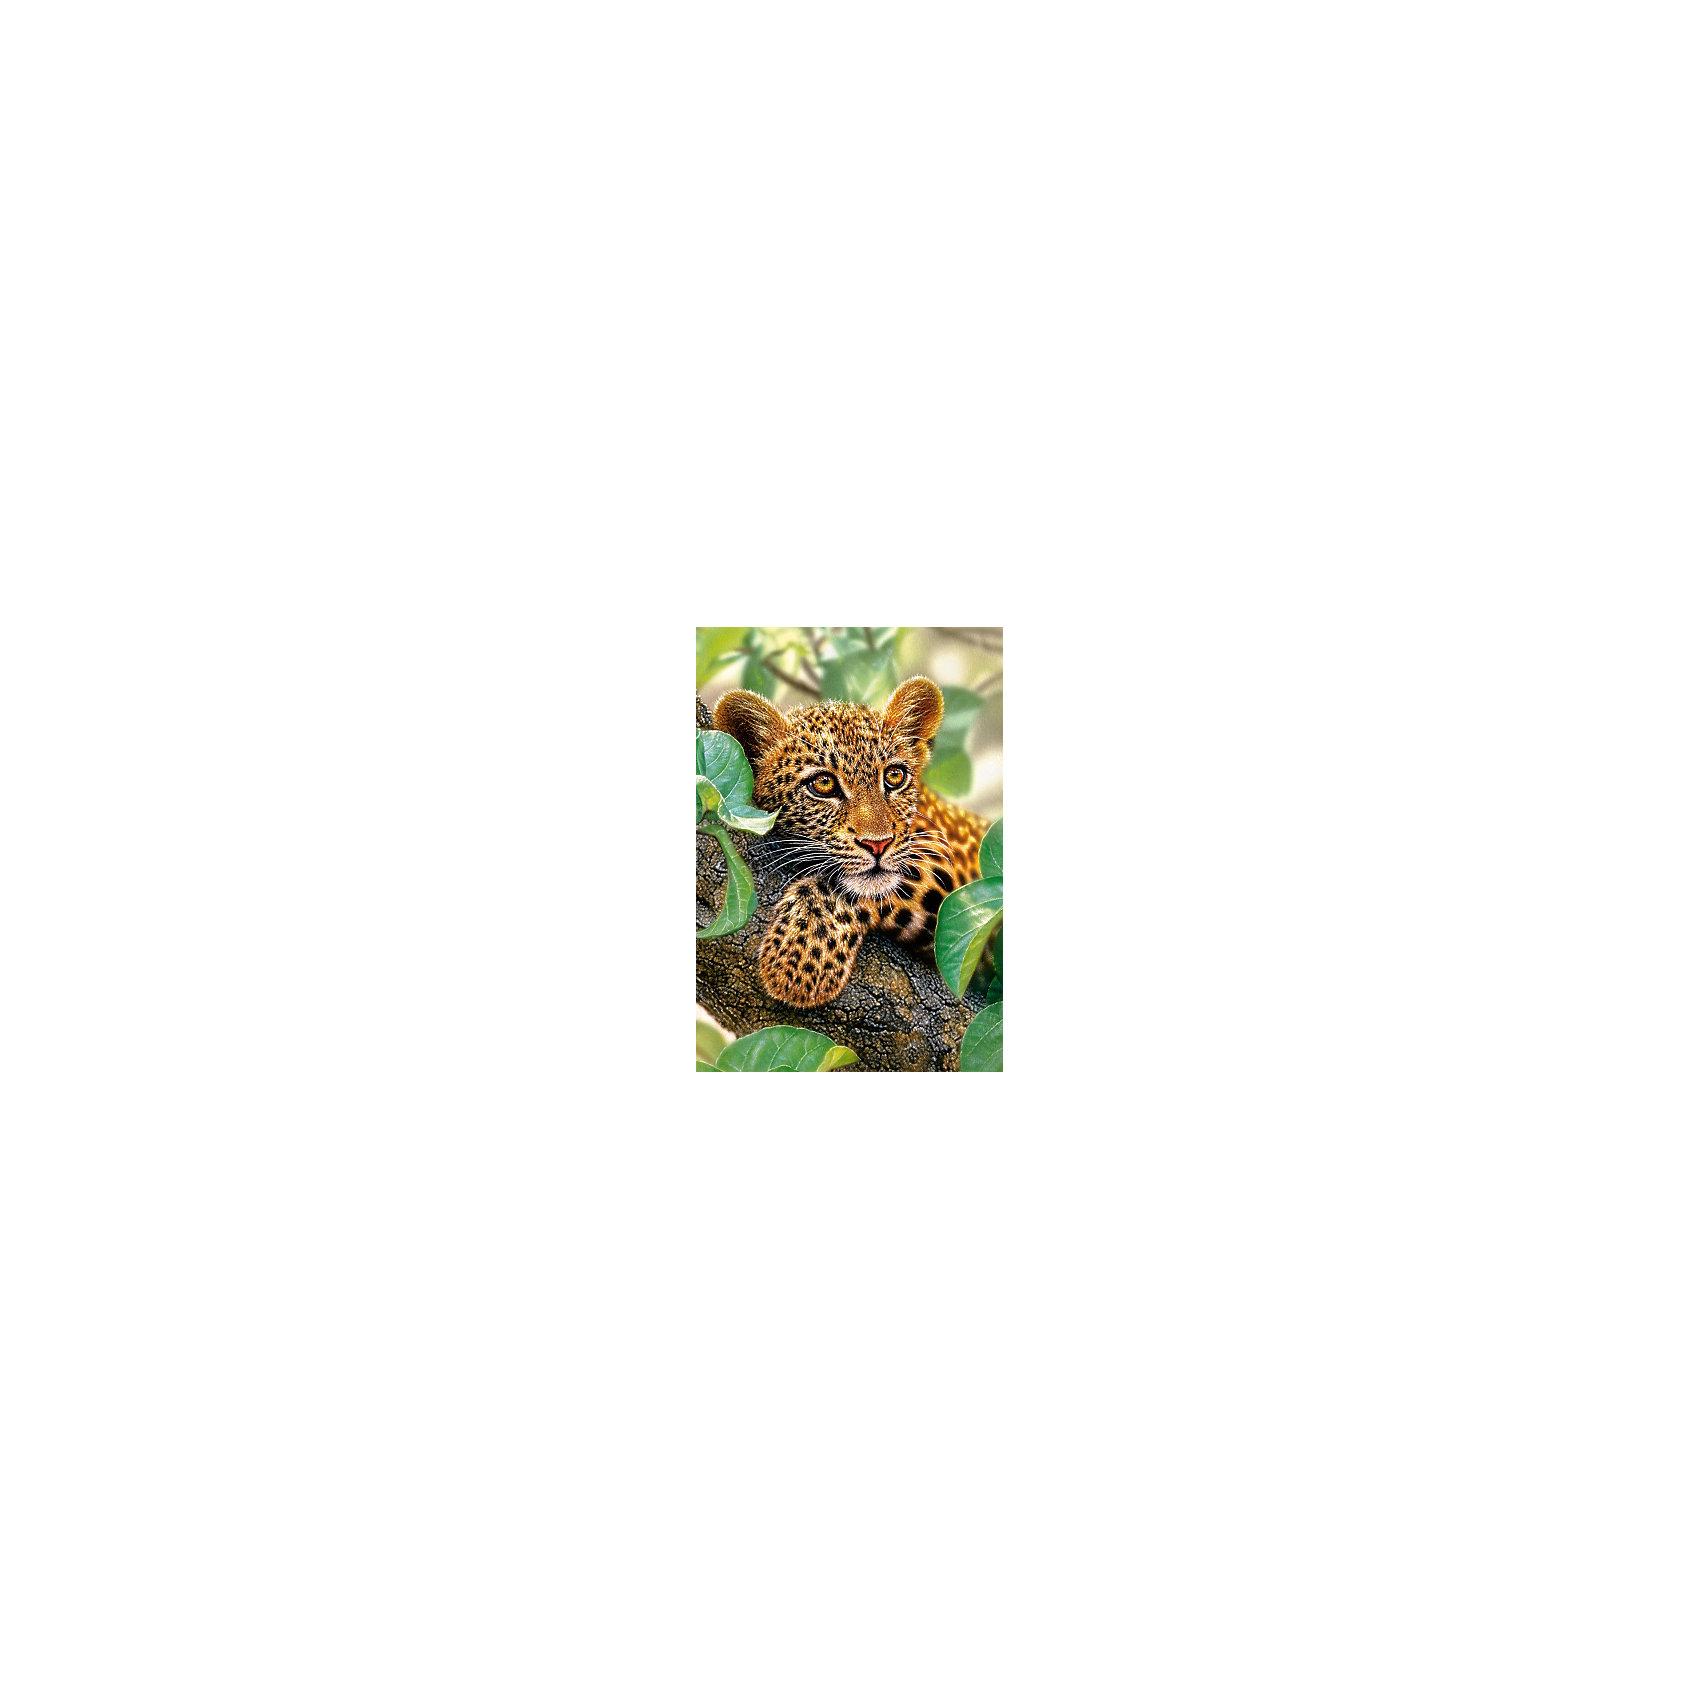 Пазл Ягуар на дереве, 1500 деталей, CastorlandКоличество деталей<br>Пазл Ягуар на дереве, 1500 деталей, Castorland,  (Касторленд)<br><br>Характеристики:<br><br>• яркие цвета<br>• количество деталей: 1500<br>• размер упаковки: 35х25х5 см<br>• размер: 68х47<br>• вес: 610 грамм<br>• материал: картон<br><br>Собирание пазлов - очень полезная игра для детей. Это поможет развить логическое мышление, пространственное ориентирование и усидчивость. С помощью набора от Касторленд ребенок сможет собрать красивую картинку с изображением леопарда, отдыхающего на дереве. В набор входит 1500 деталей из плотного картона. С этим набором ребенок обязательно проведет время с пользой!<br><br>Пазл Ягуар на дереве, 1500 деталей, Castorland,  (Касторленд) вы можете купить в нашем интернет-магазине.<br><br>Ширина мм: 350<br>Глубина мм: 50<br>Высота мм: 250<br>Вес г: 600<br>Возраст от месяцев: 168<br>Возраст до месяцев: 2147483647<br>Пол: Унисекс<br>Возраст: Детский<br>SKU: 5244648